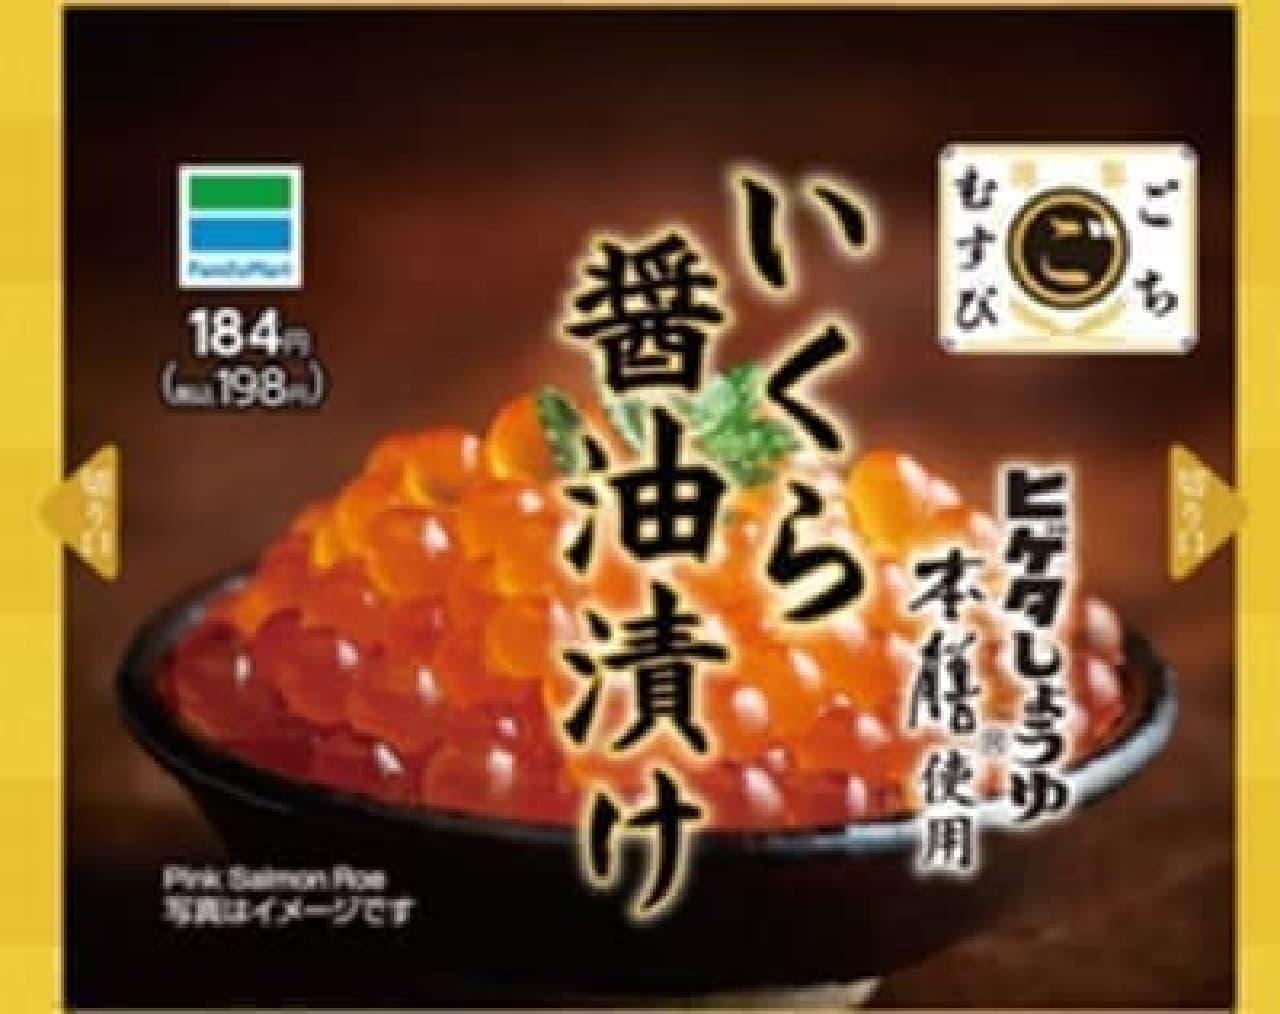 ファミリーマート「いくら醤油漬けおむすび」